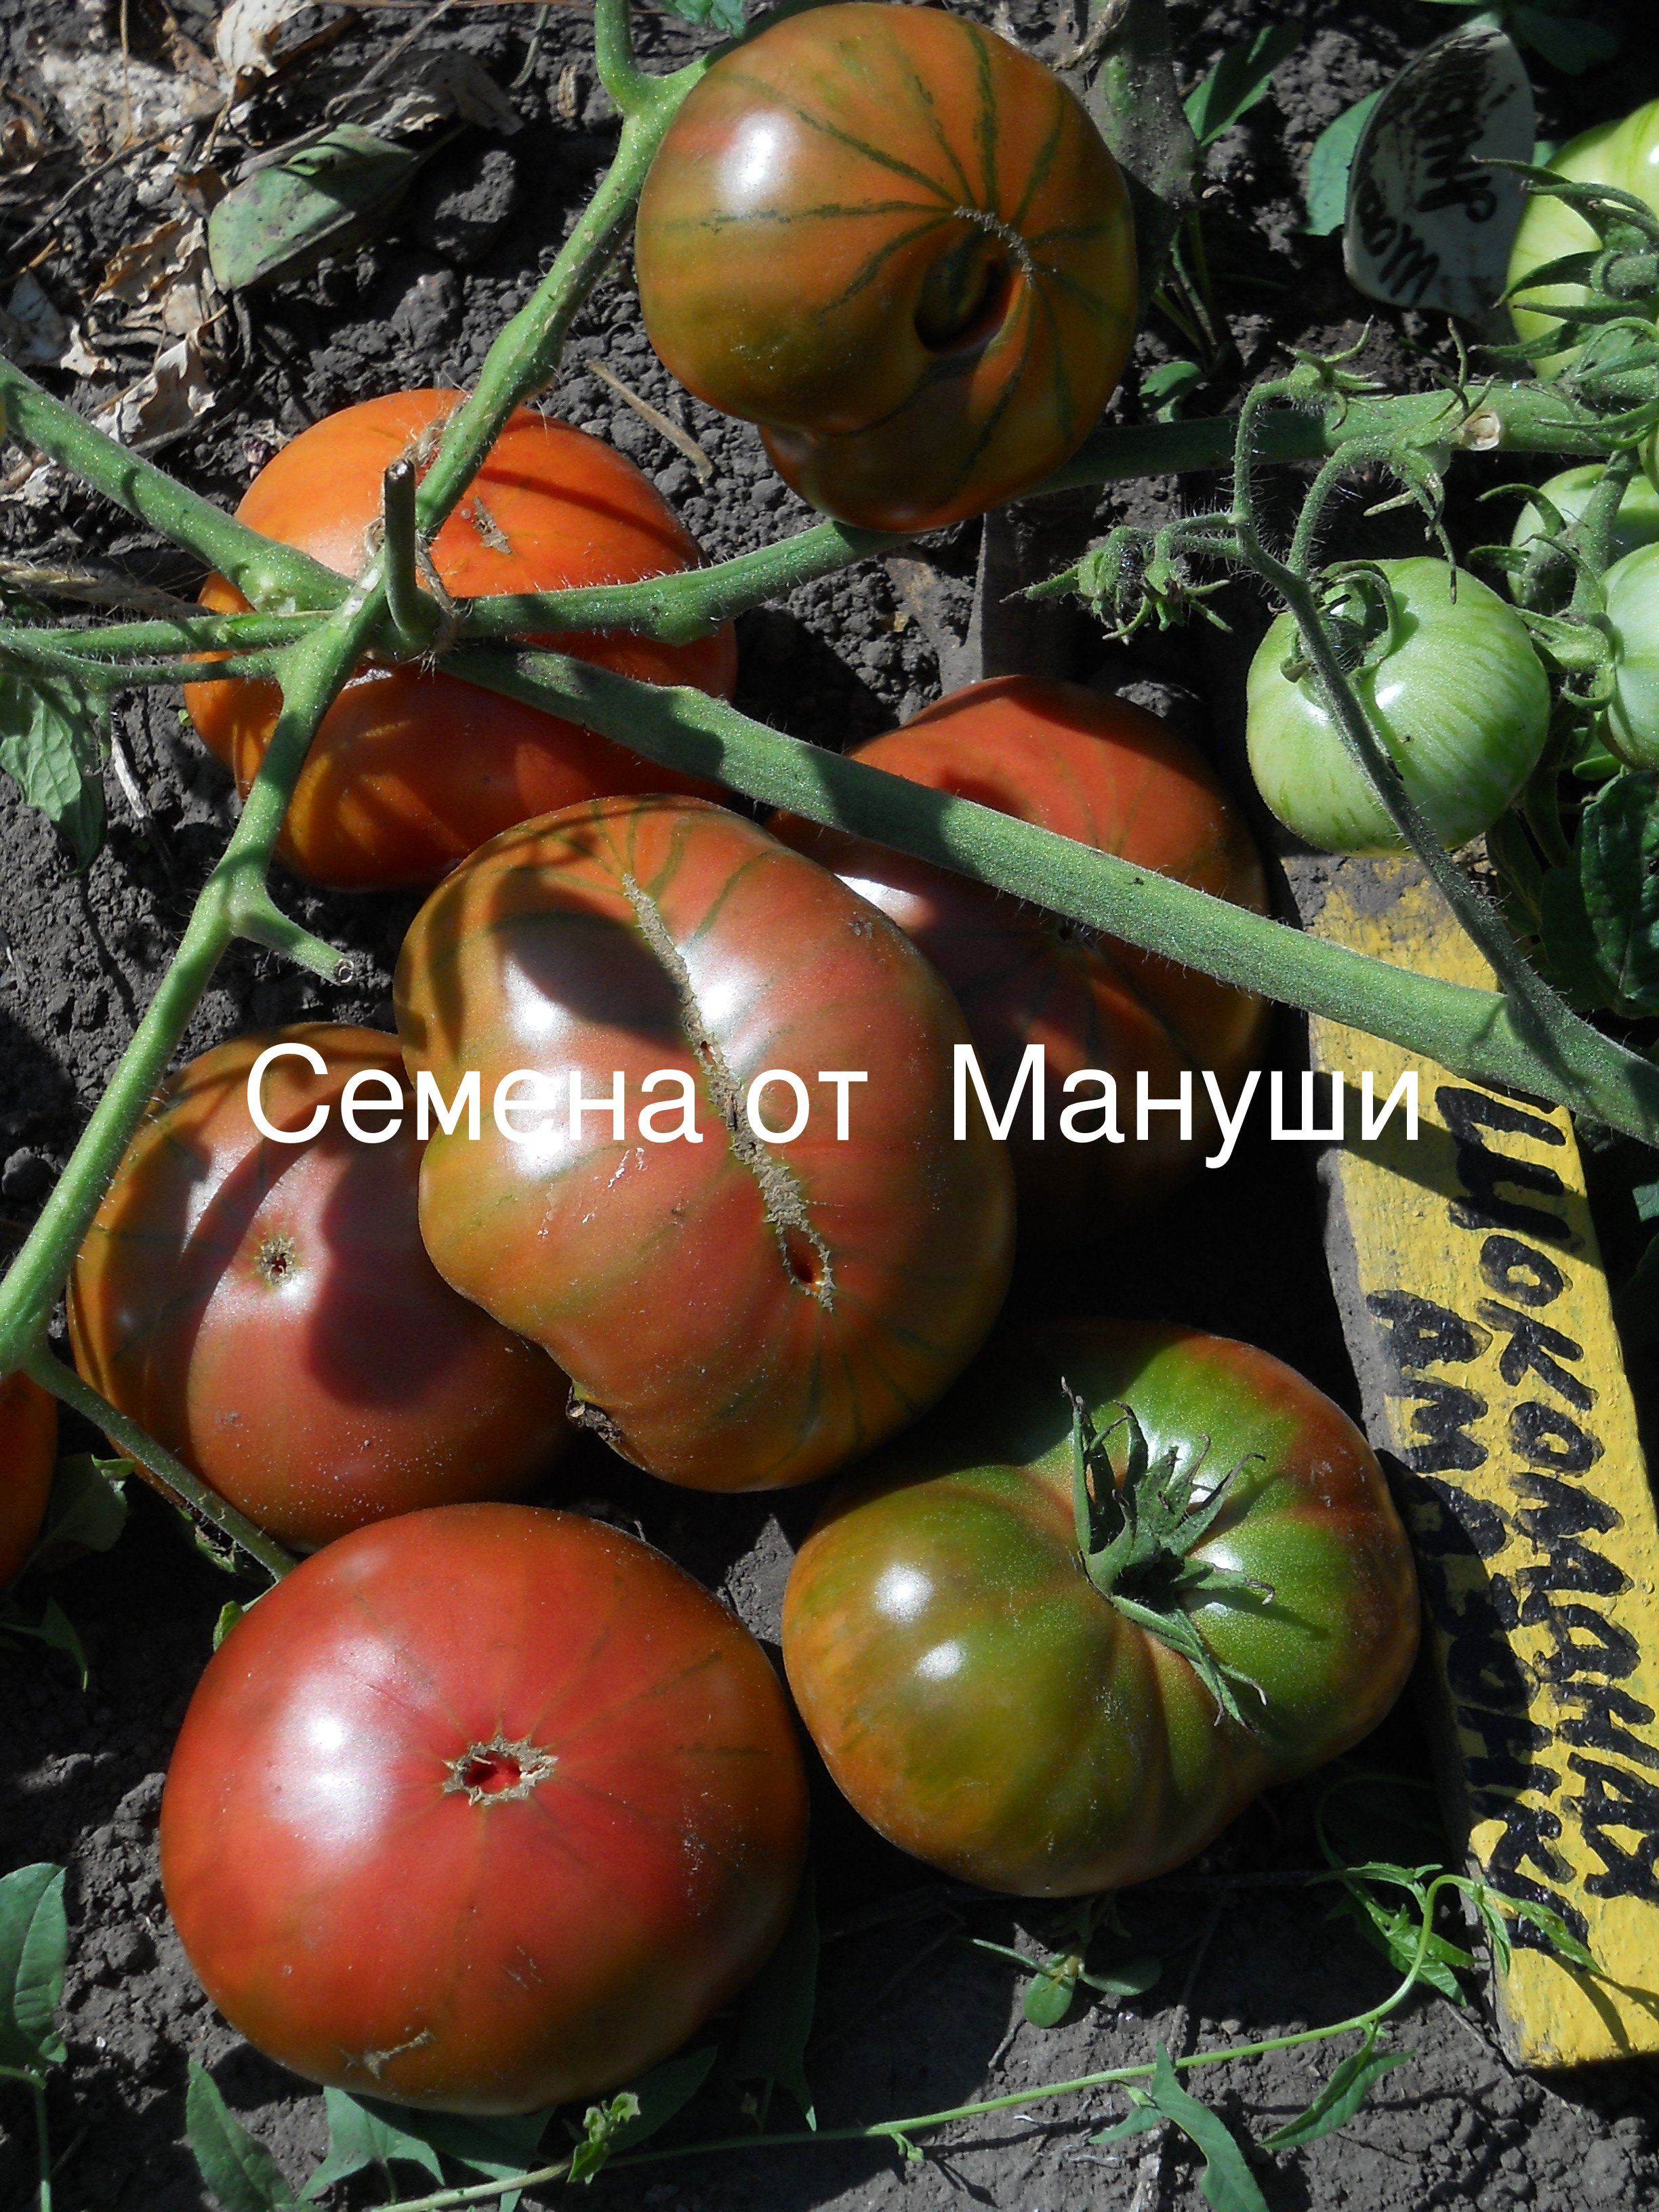 Томат африка f1: отзывы о том где лучше растут помидоры, описание и характеристики сорта